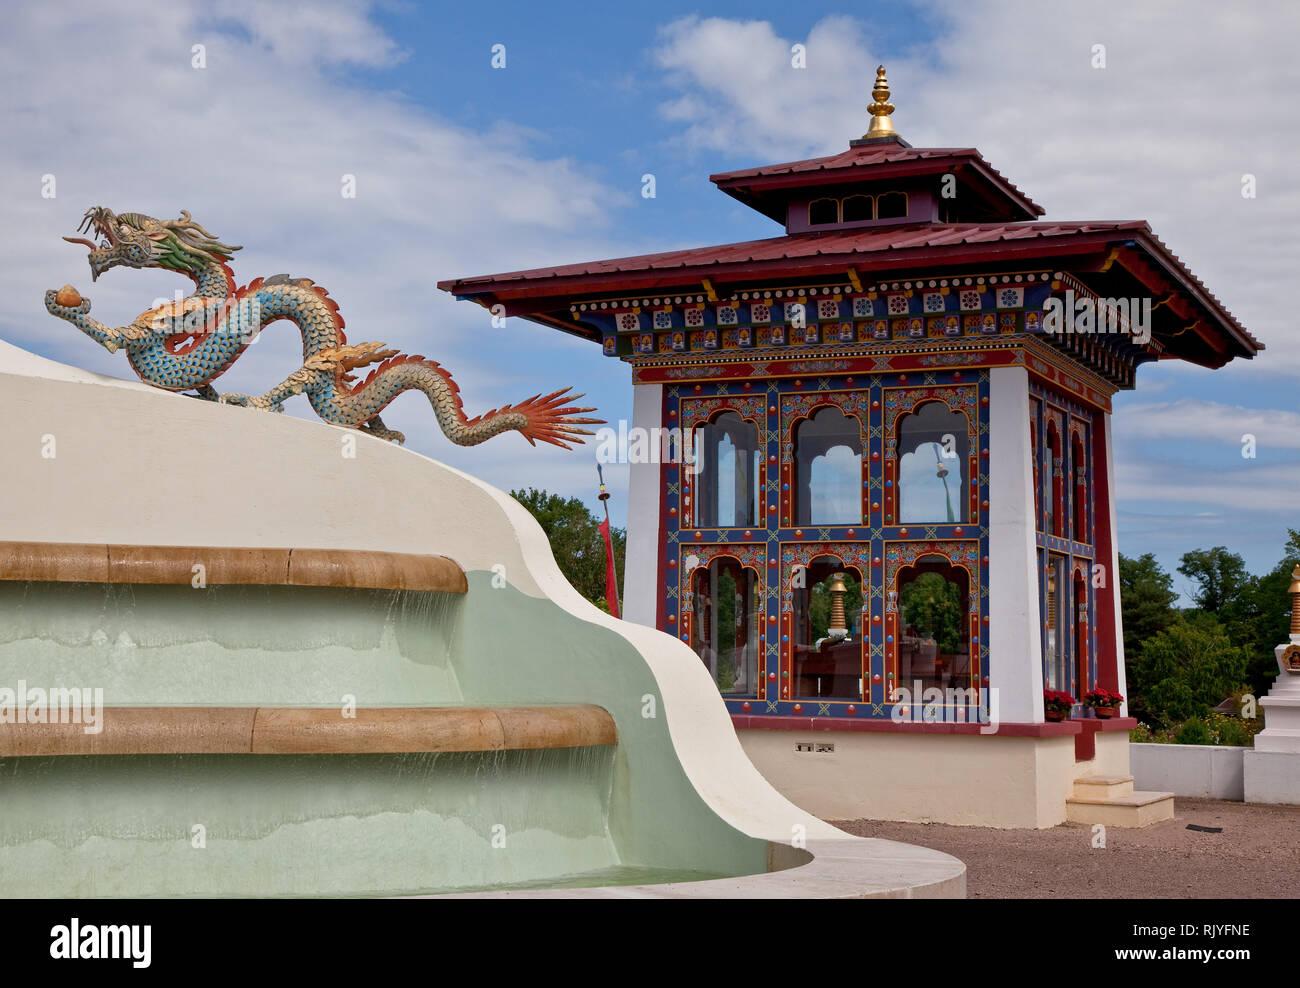 La Boulaye, TEMPEL DER 1000 BUDDHAS, gegründet 1987 von tibetischen Mönchen. Lamaistisches Zentrum verbunden mit einer Hochschule für Tibetologie, Pav Stock Photo